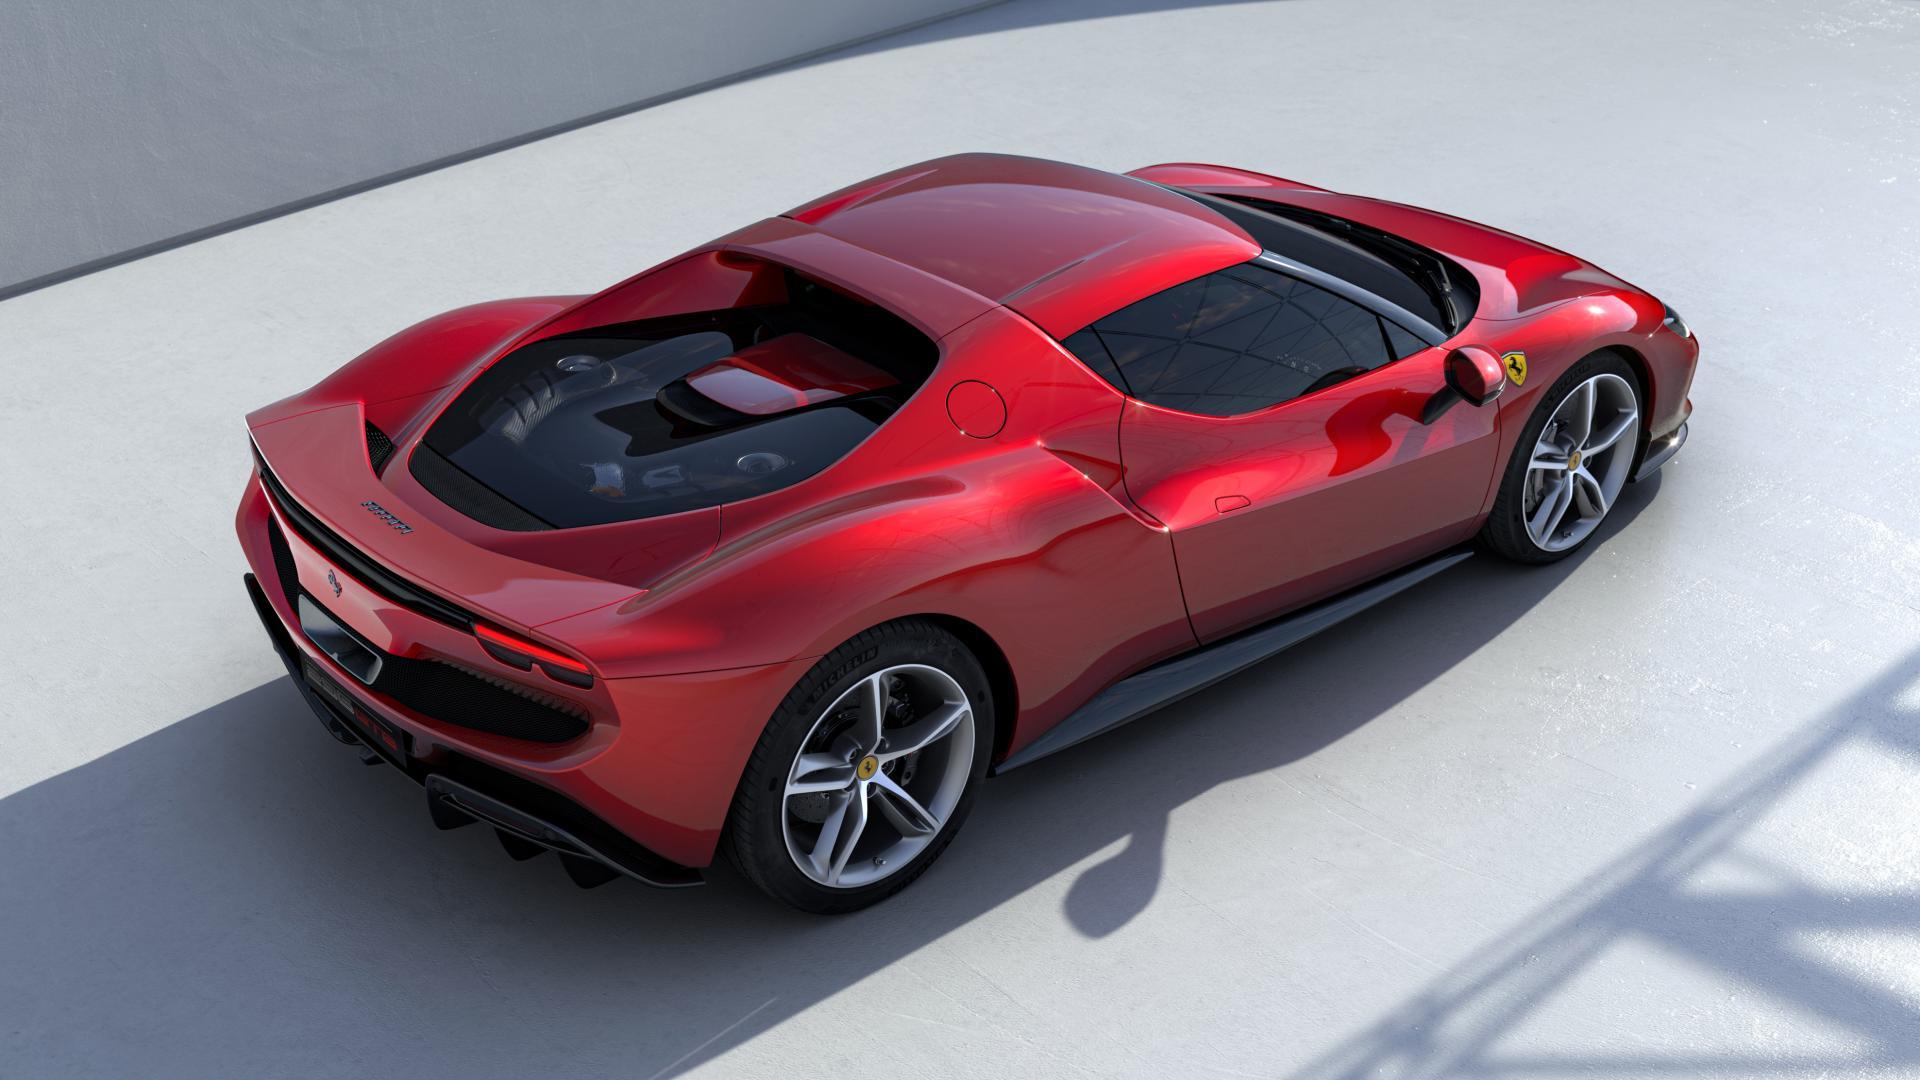 Ferrari 296 GTB. Exklusiva bilar och lyxiga sportbilar. Vi har en guide med lyxbilar.Ferrari 296 GTB. Exklusiva bilar och lyxiga sportbilar. Vi har en guide med lyxbilar.